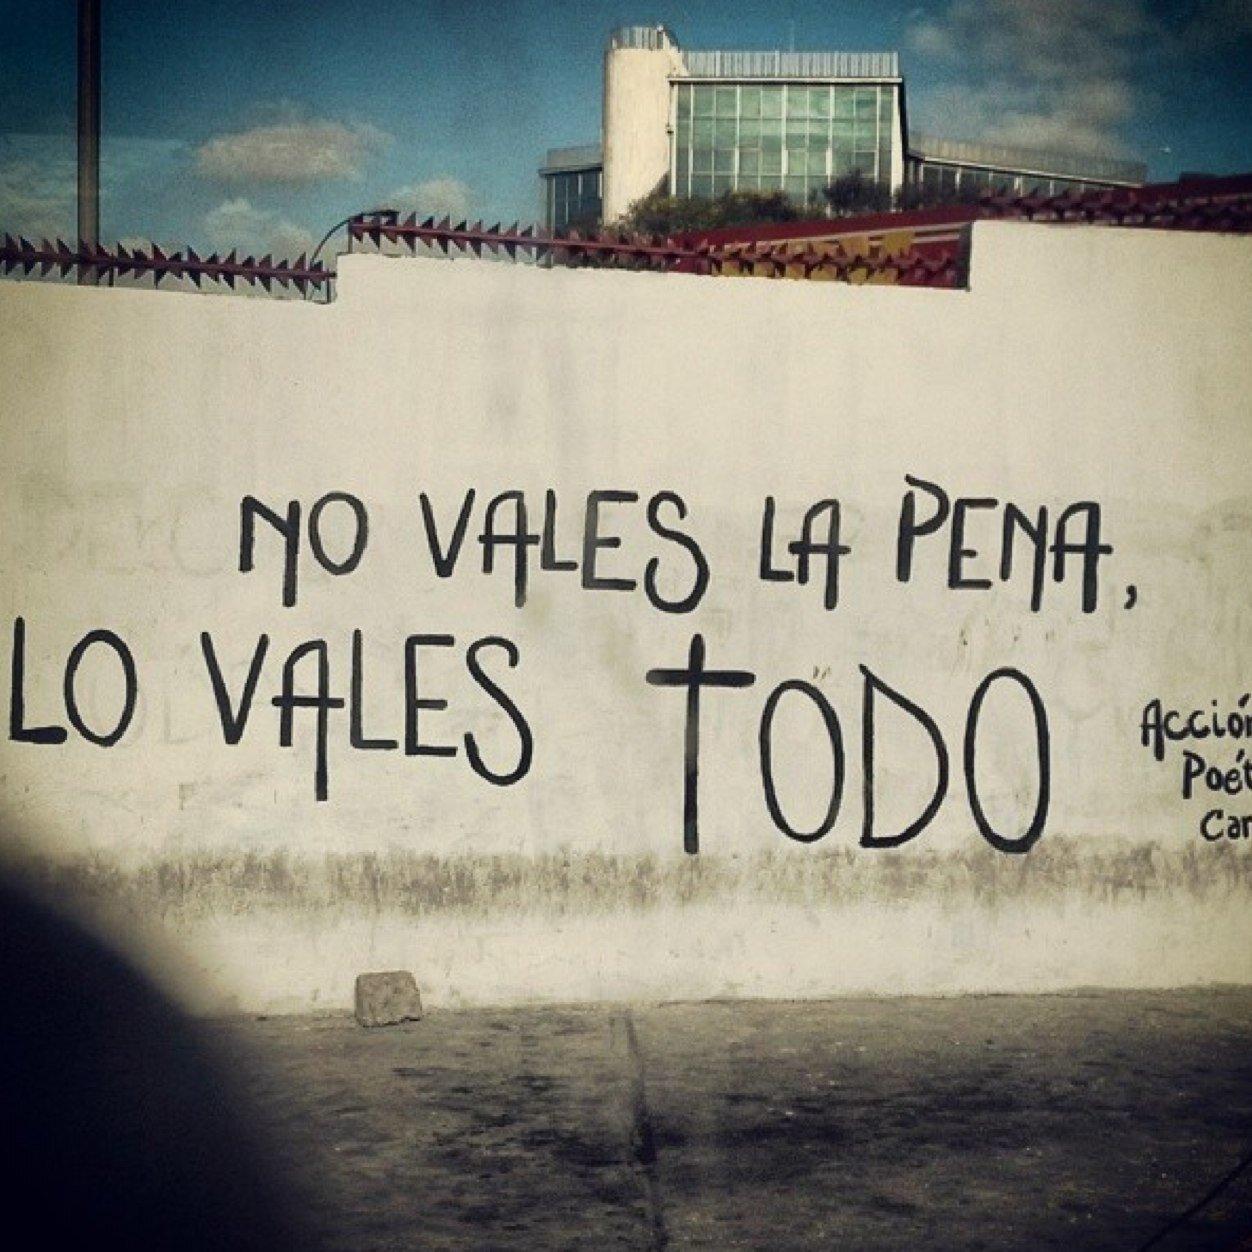 accion poetica (@poetica2014) | Twitter